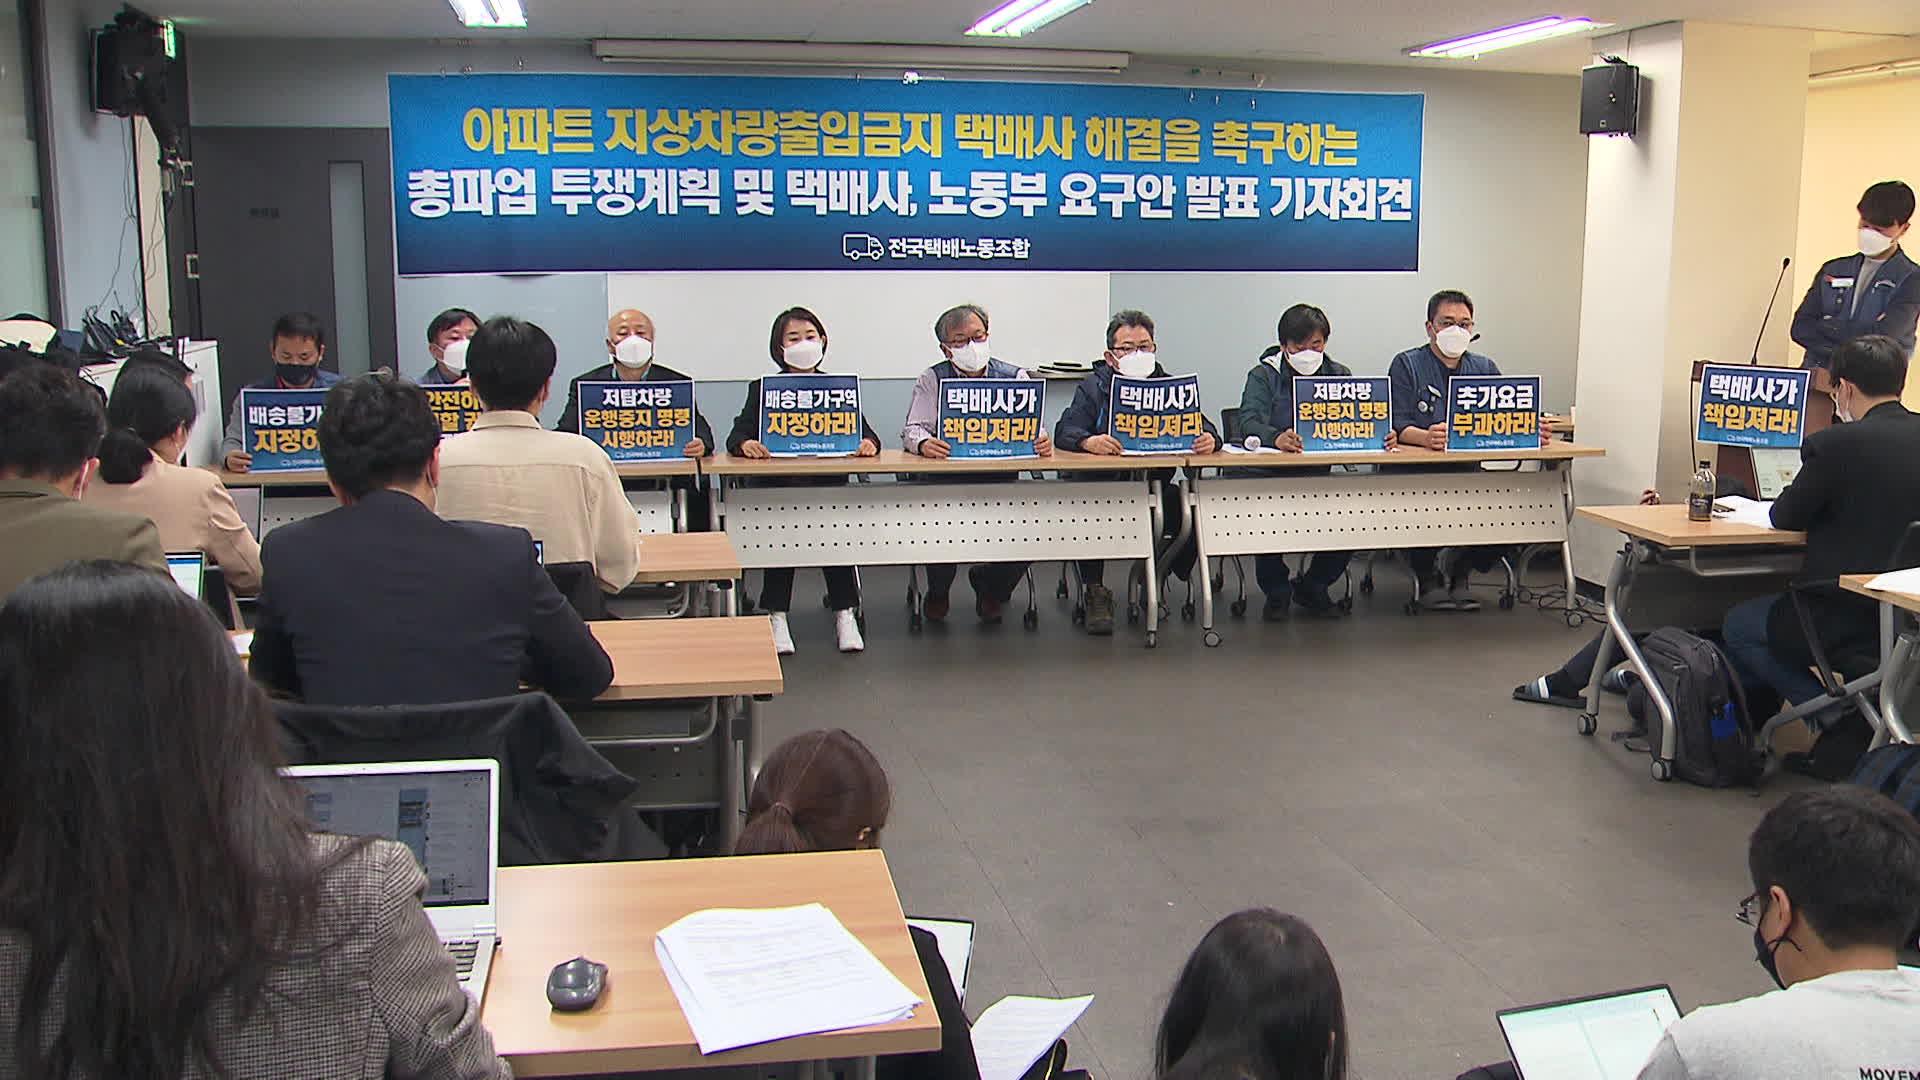 택배노조 '총파업 카드'로 대화 물꼬 열리나…11일 협의회 주목